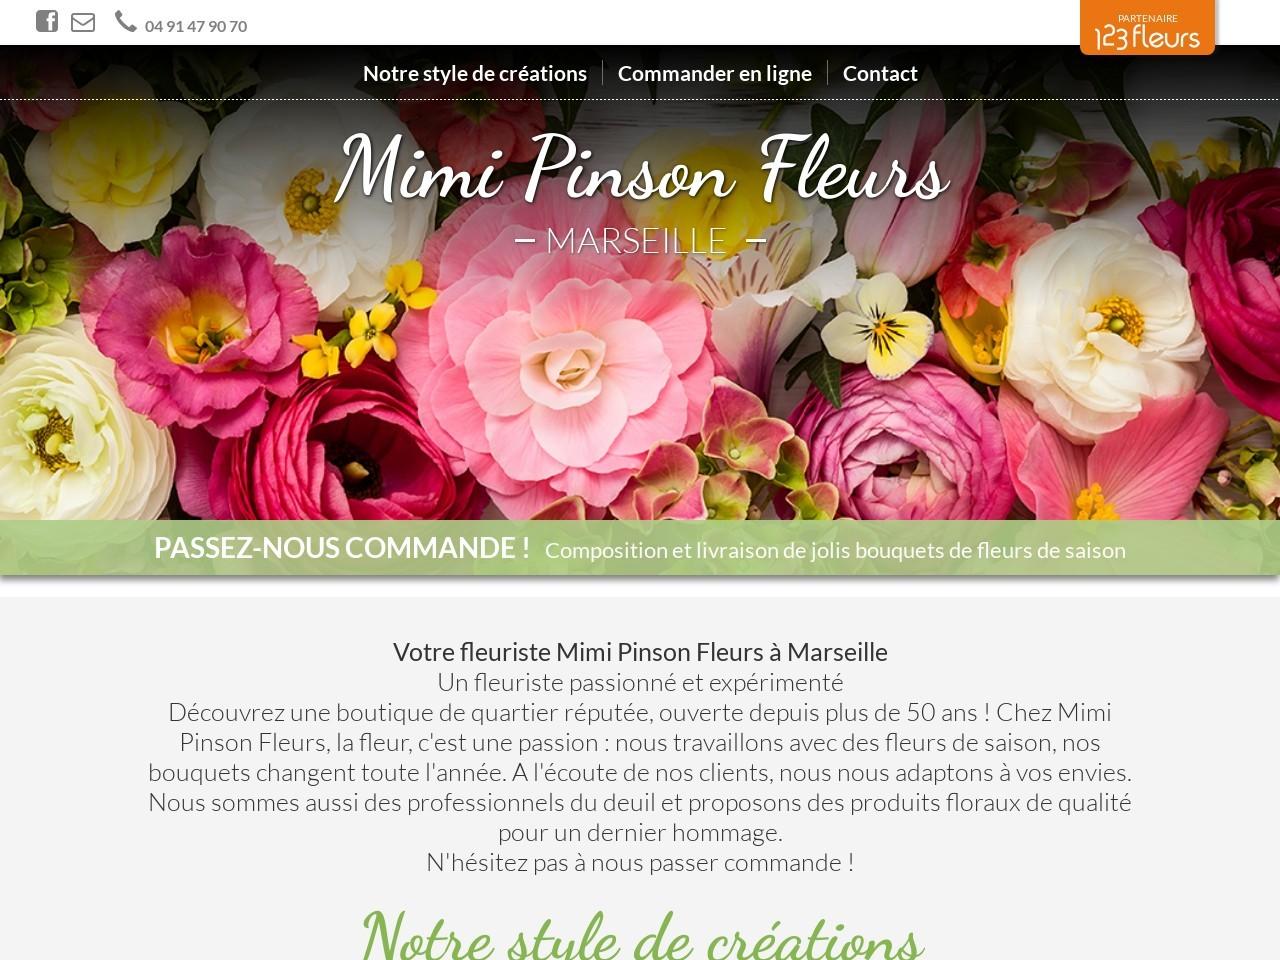 Site fleuriste Mimi Pinson Fleurs - 123fleurs